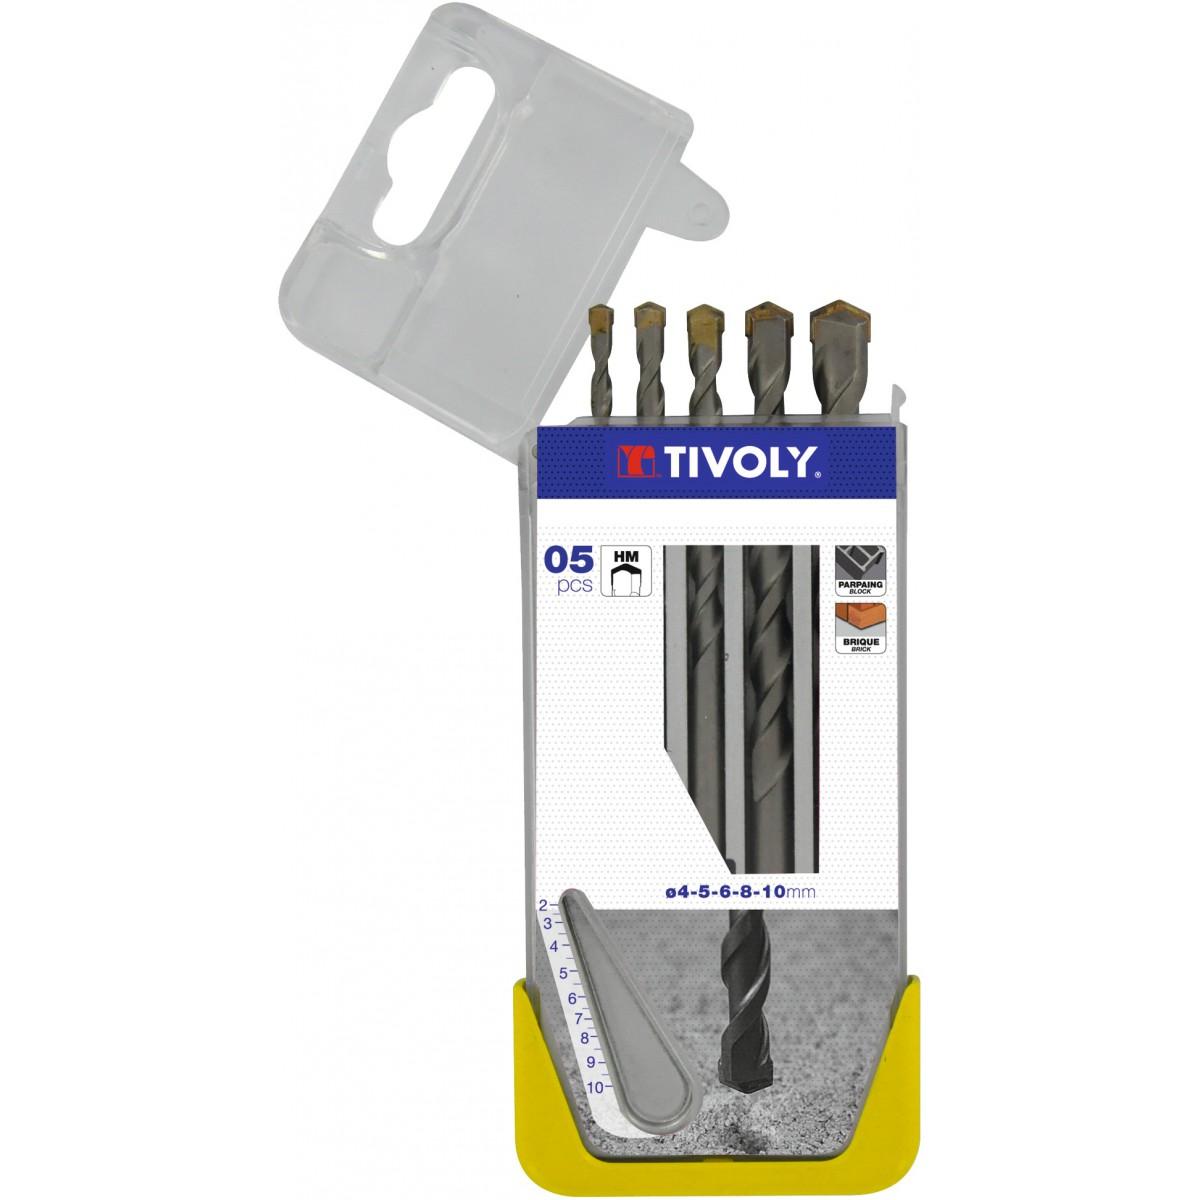 Coffret forets béton carbure usage fréquent Tivoly - 5 forets - Diamètre 4 à 10 mm